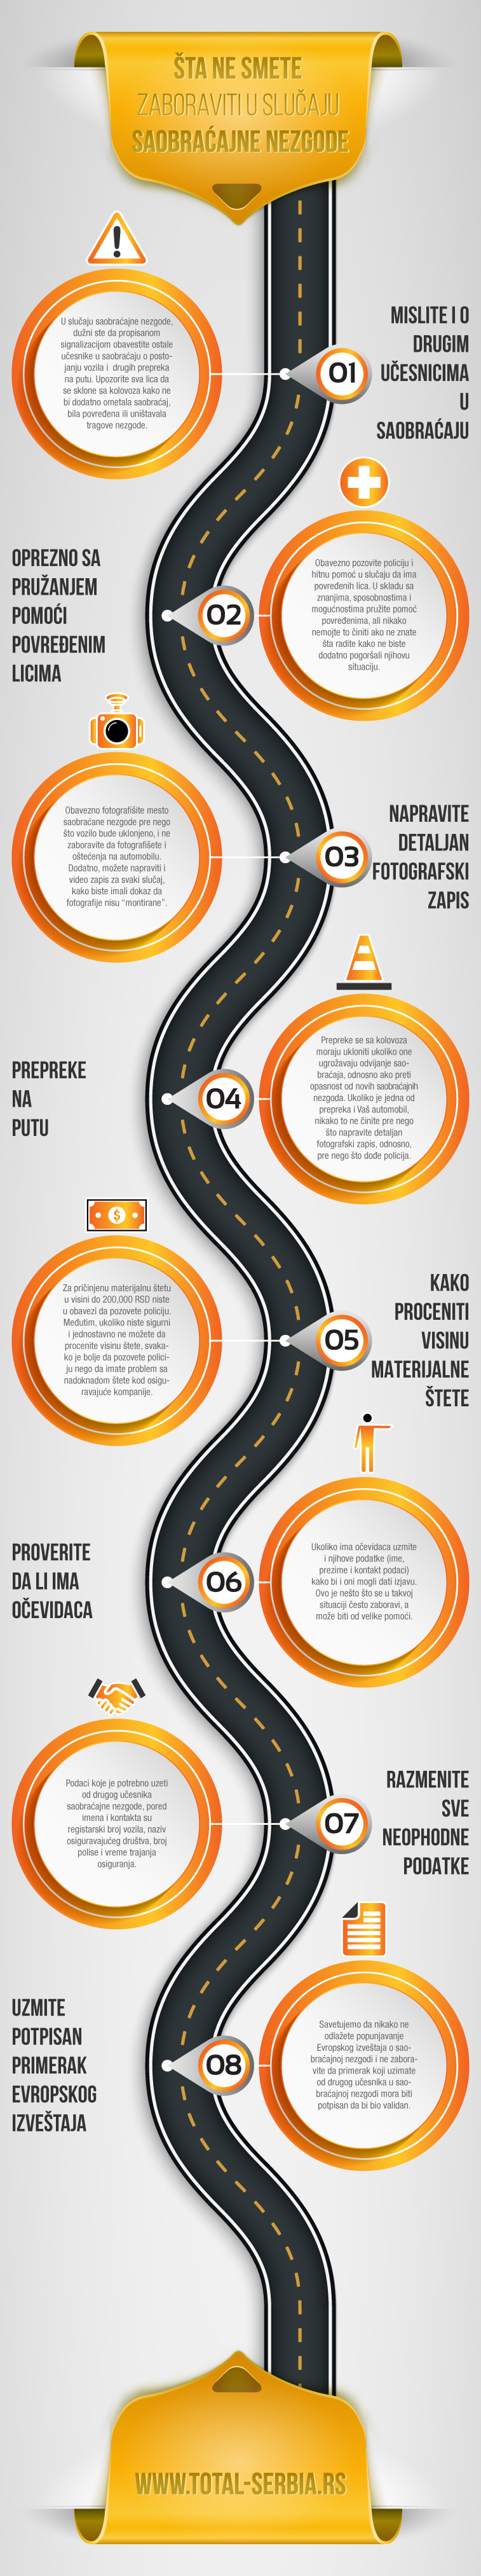 Šta ne smete zaboraviti u slučaju saobraćajne nezgode